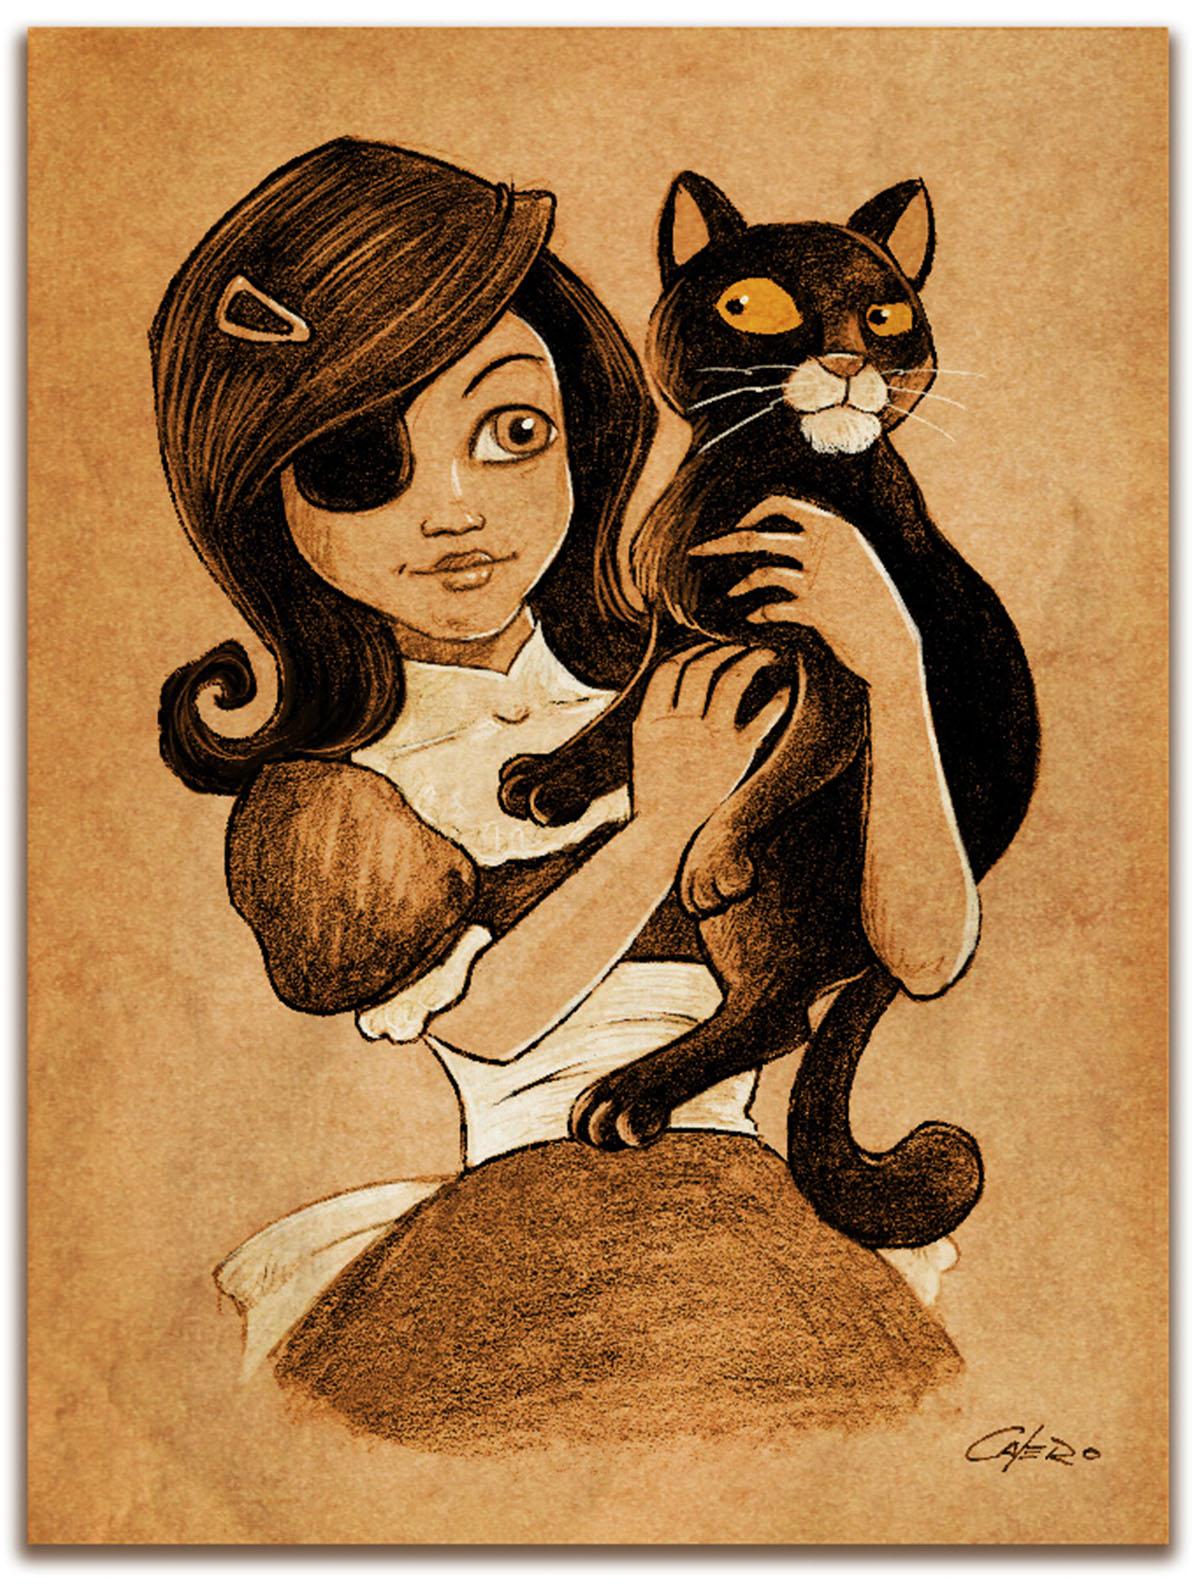 homenaje a carmesina en lápiz, ilustrador miguel calero, niña del parche con un gato negro. en colores marrones y sepia y blanco.